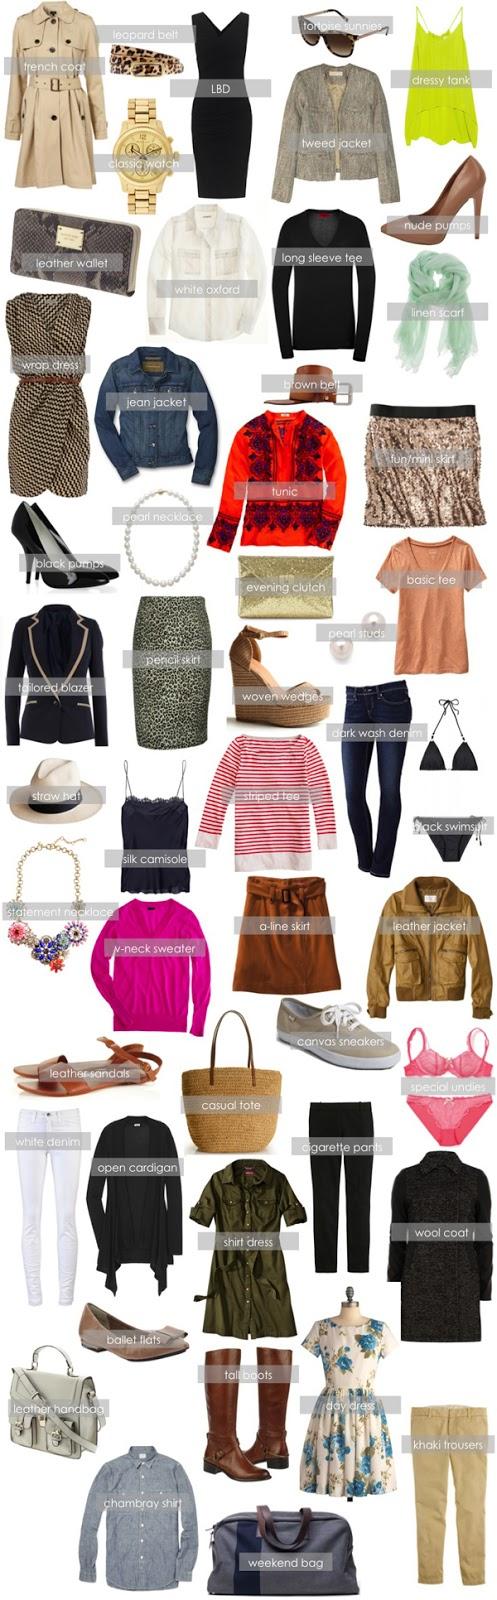 Here & Now : Wardrobe Staples